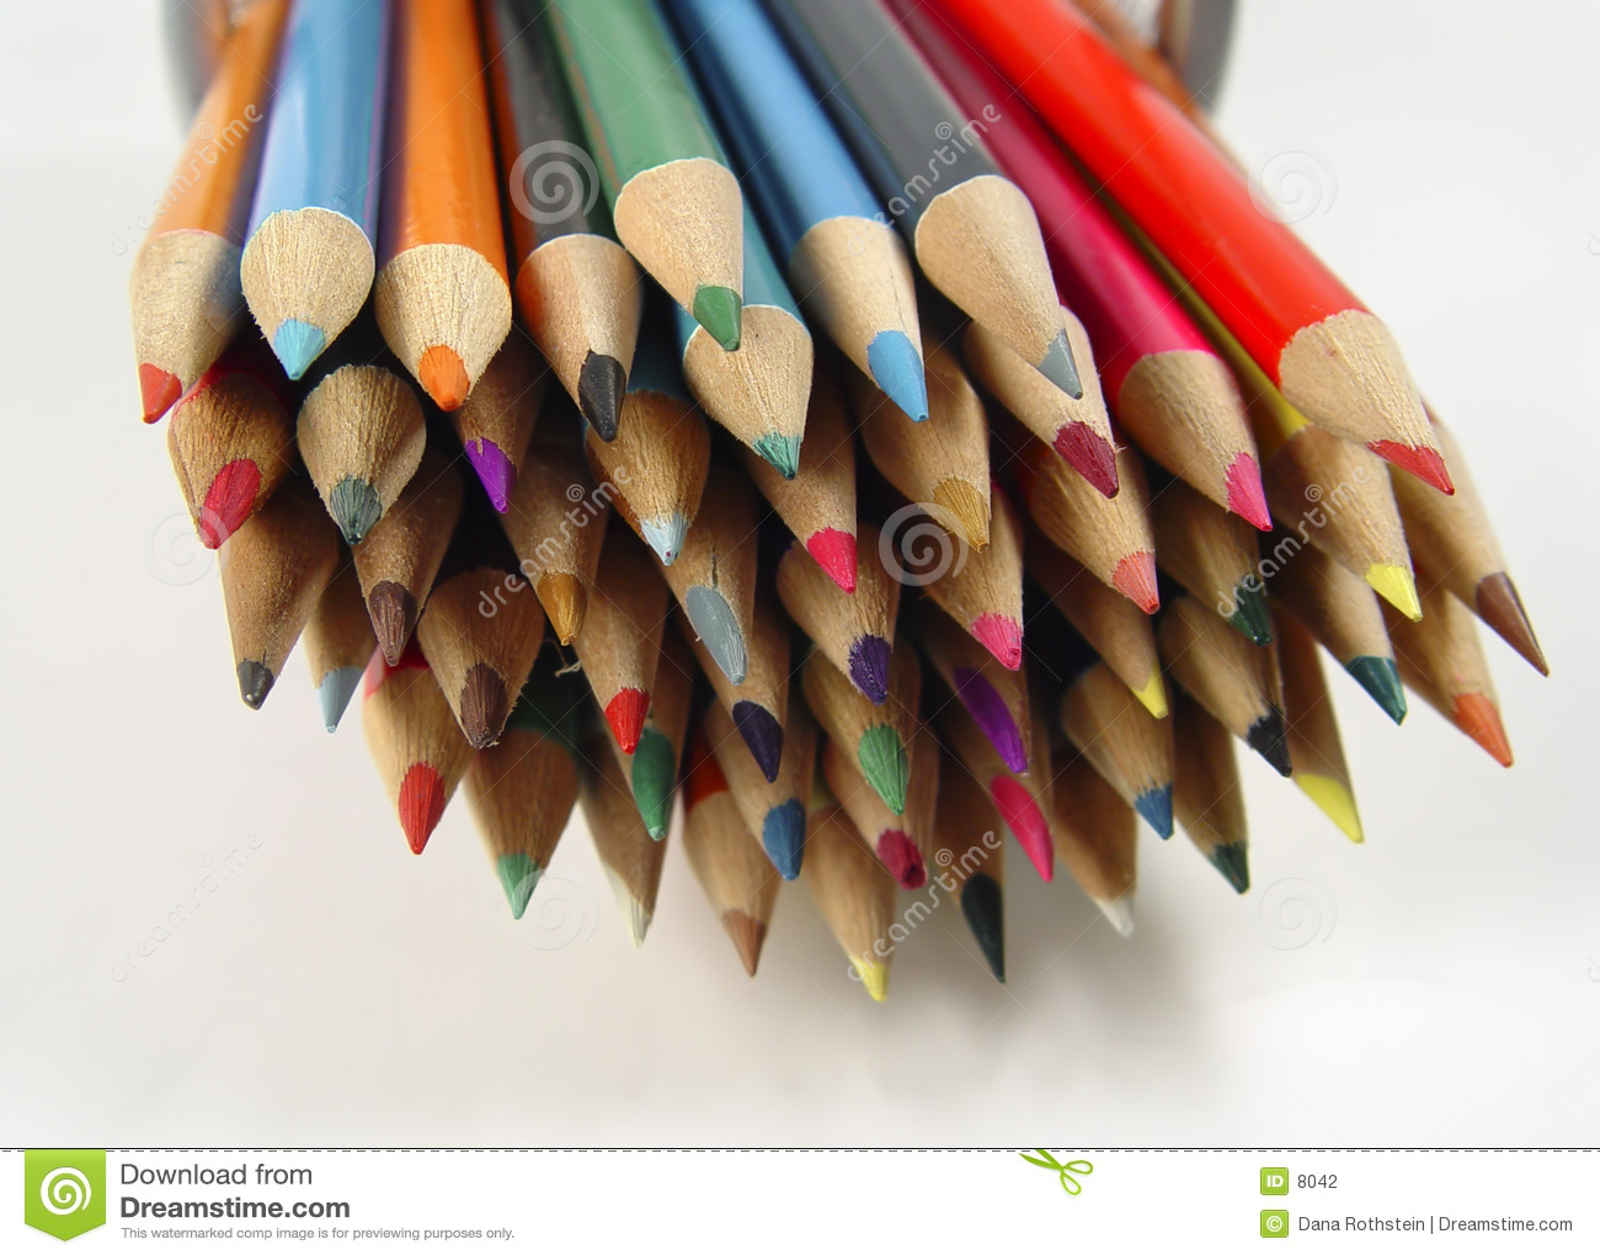 Kolorowe 7 ołówków